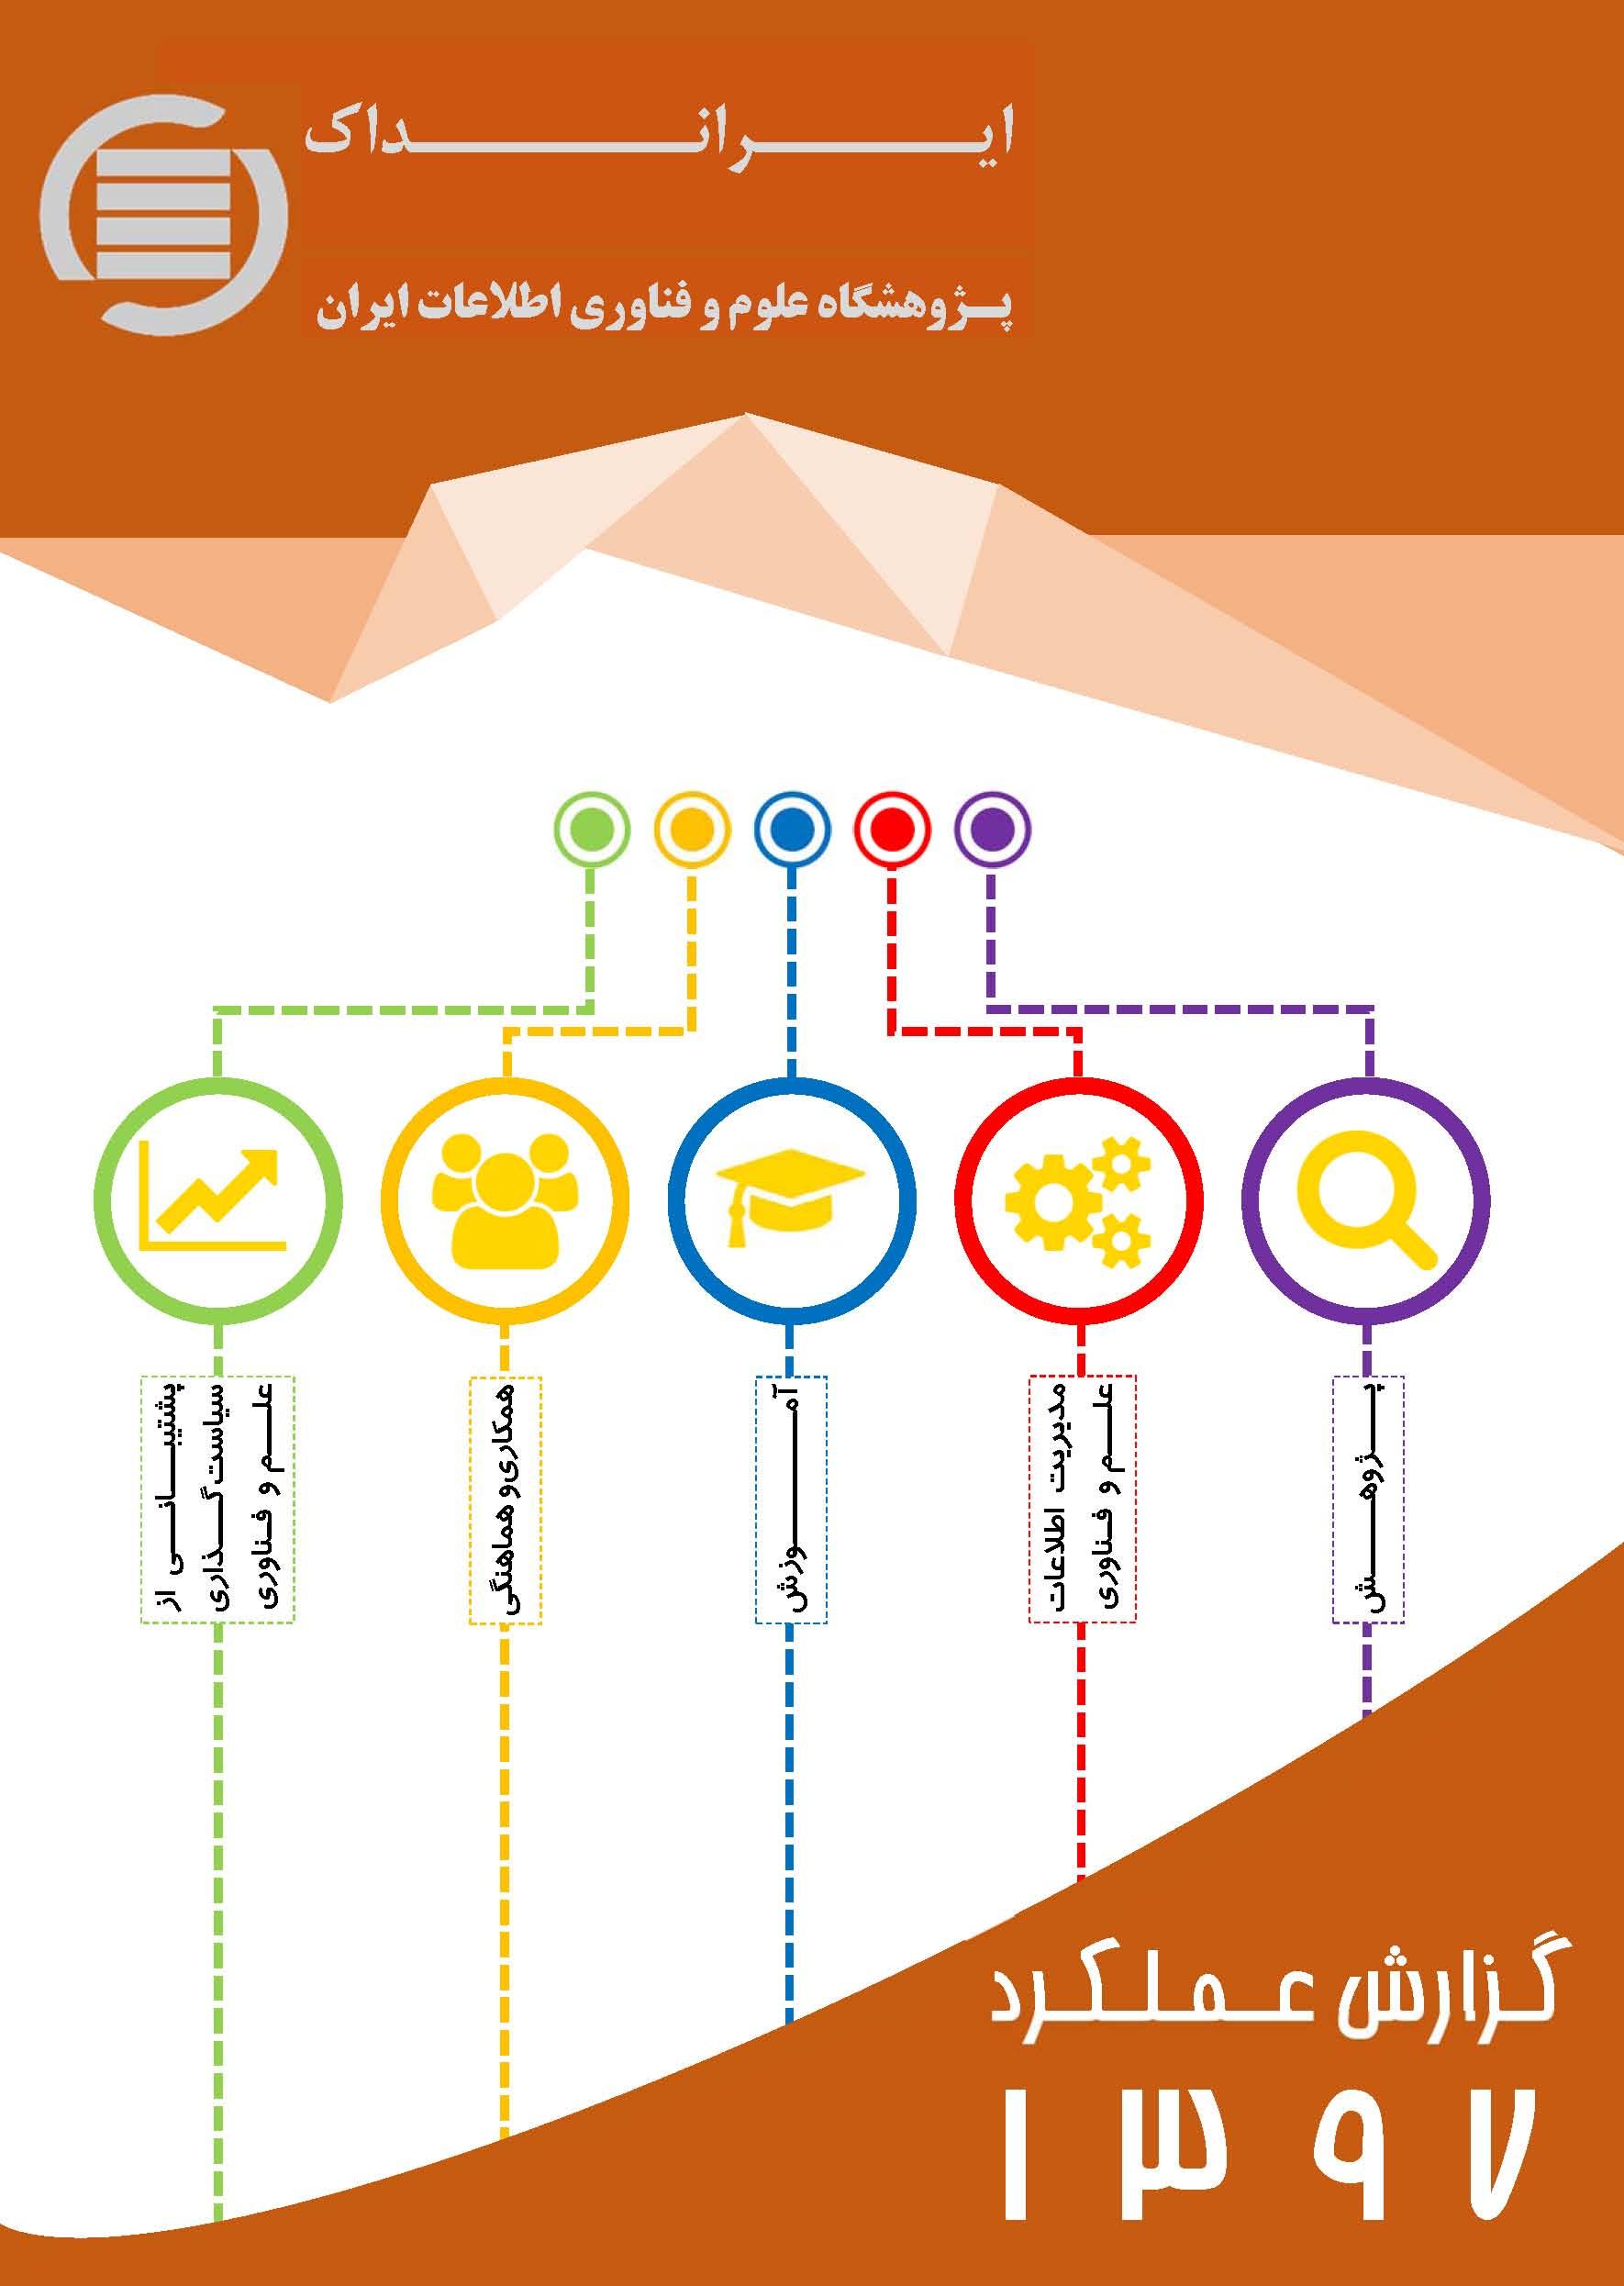 گزارش عملکرد پژوهشگاه علوم فناوری اطلاعات ایران (ایرانداک): سال 1397